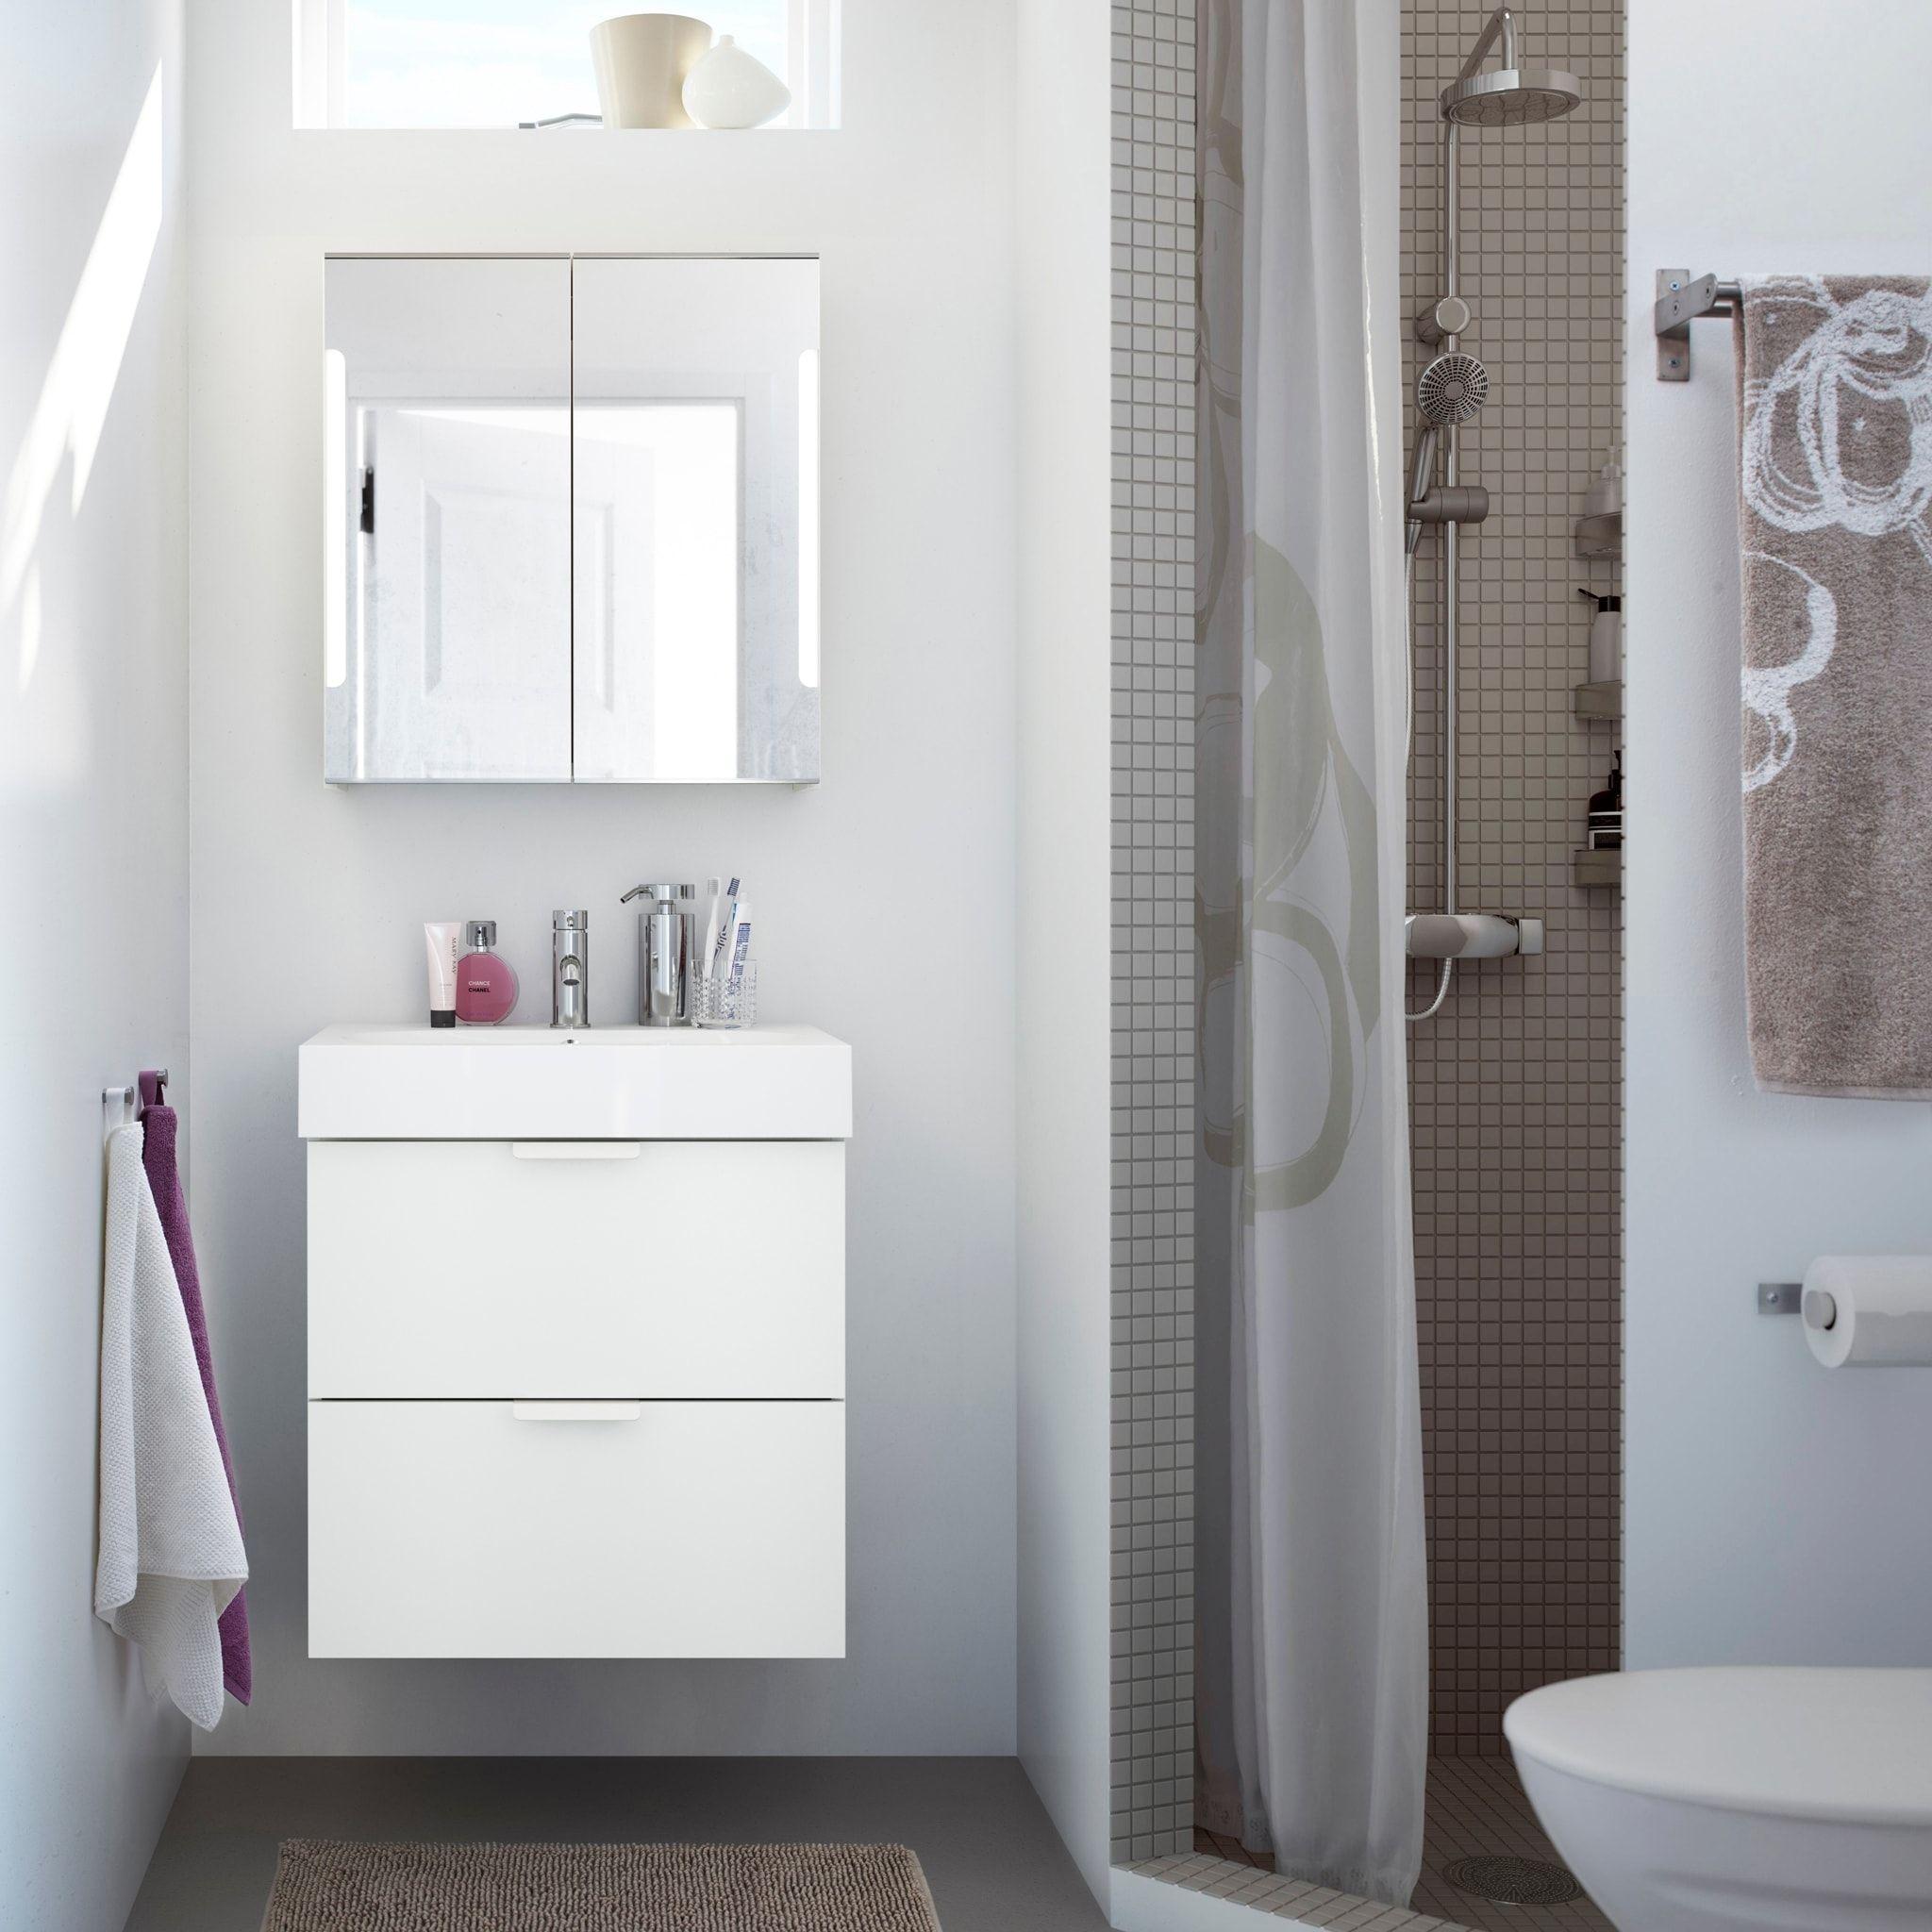 Pin by Lenny Goddard on Bathroom Decor Ideas   Small ...